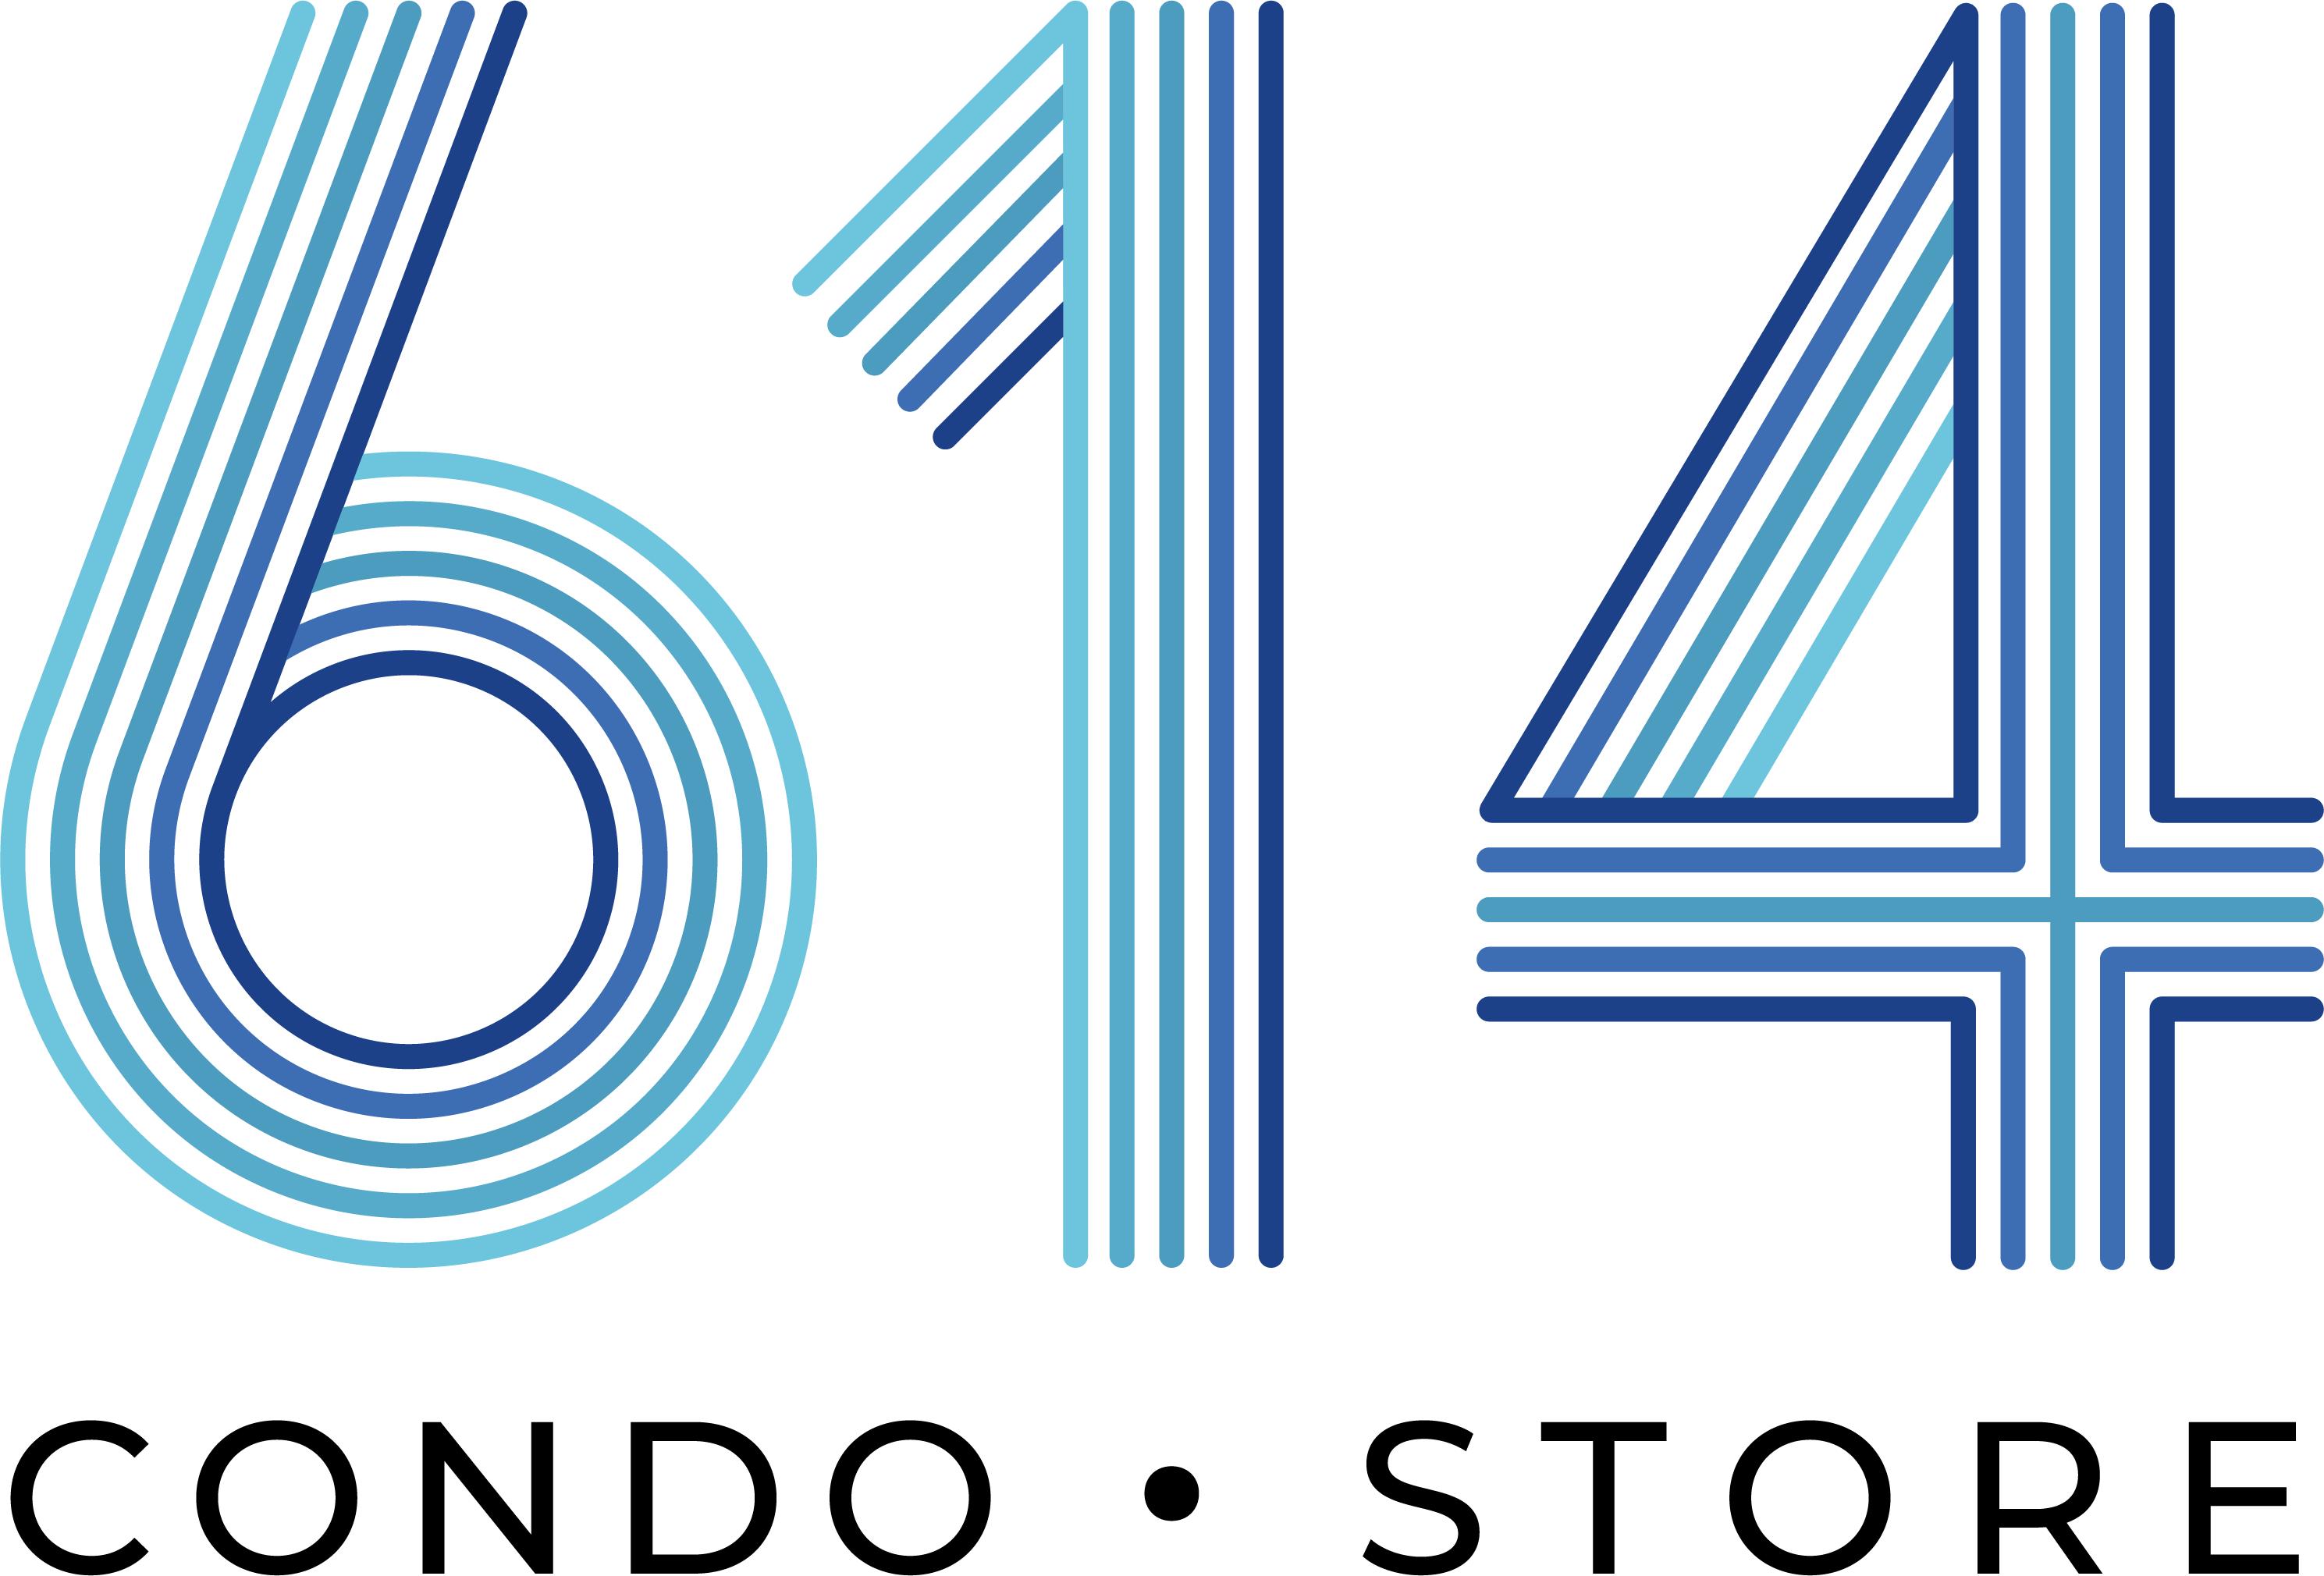 614 Condo Store